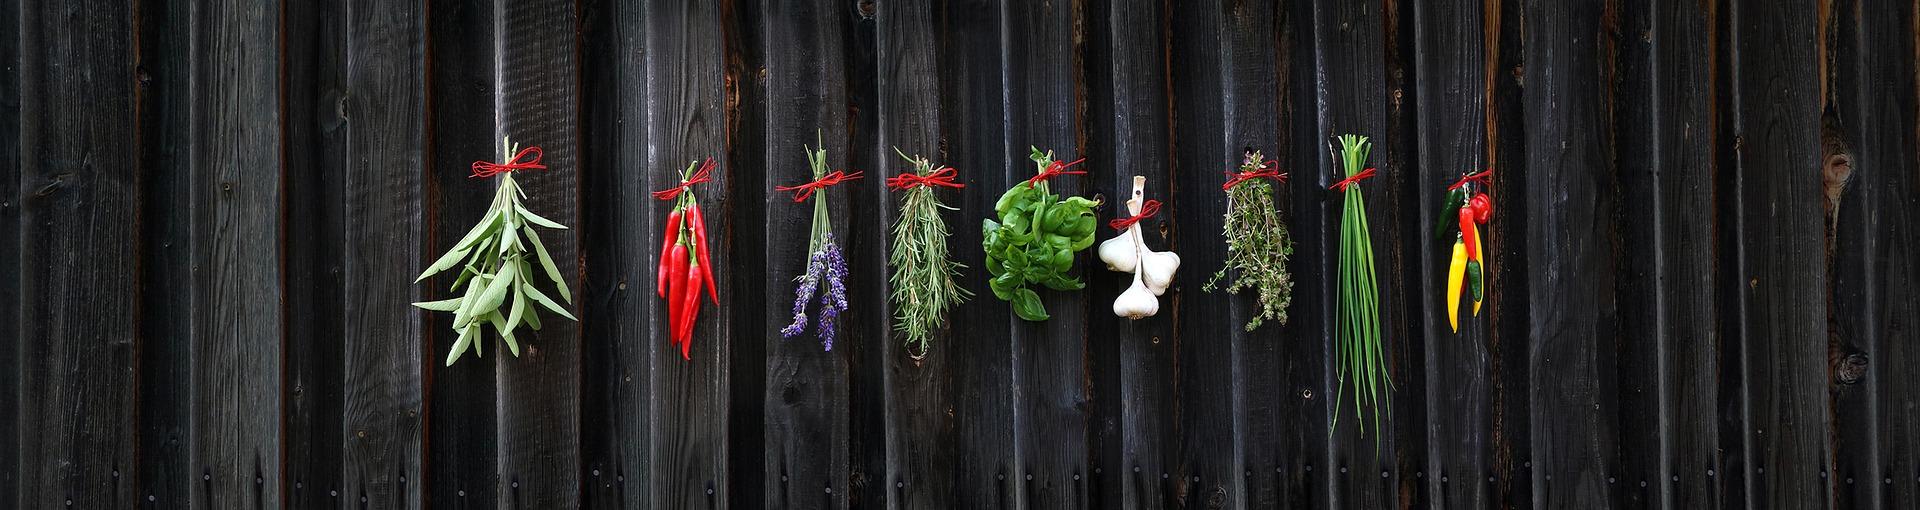 spices herbs dalmatia